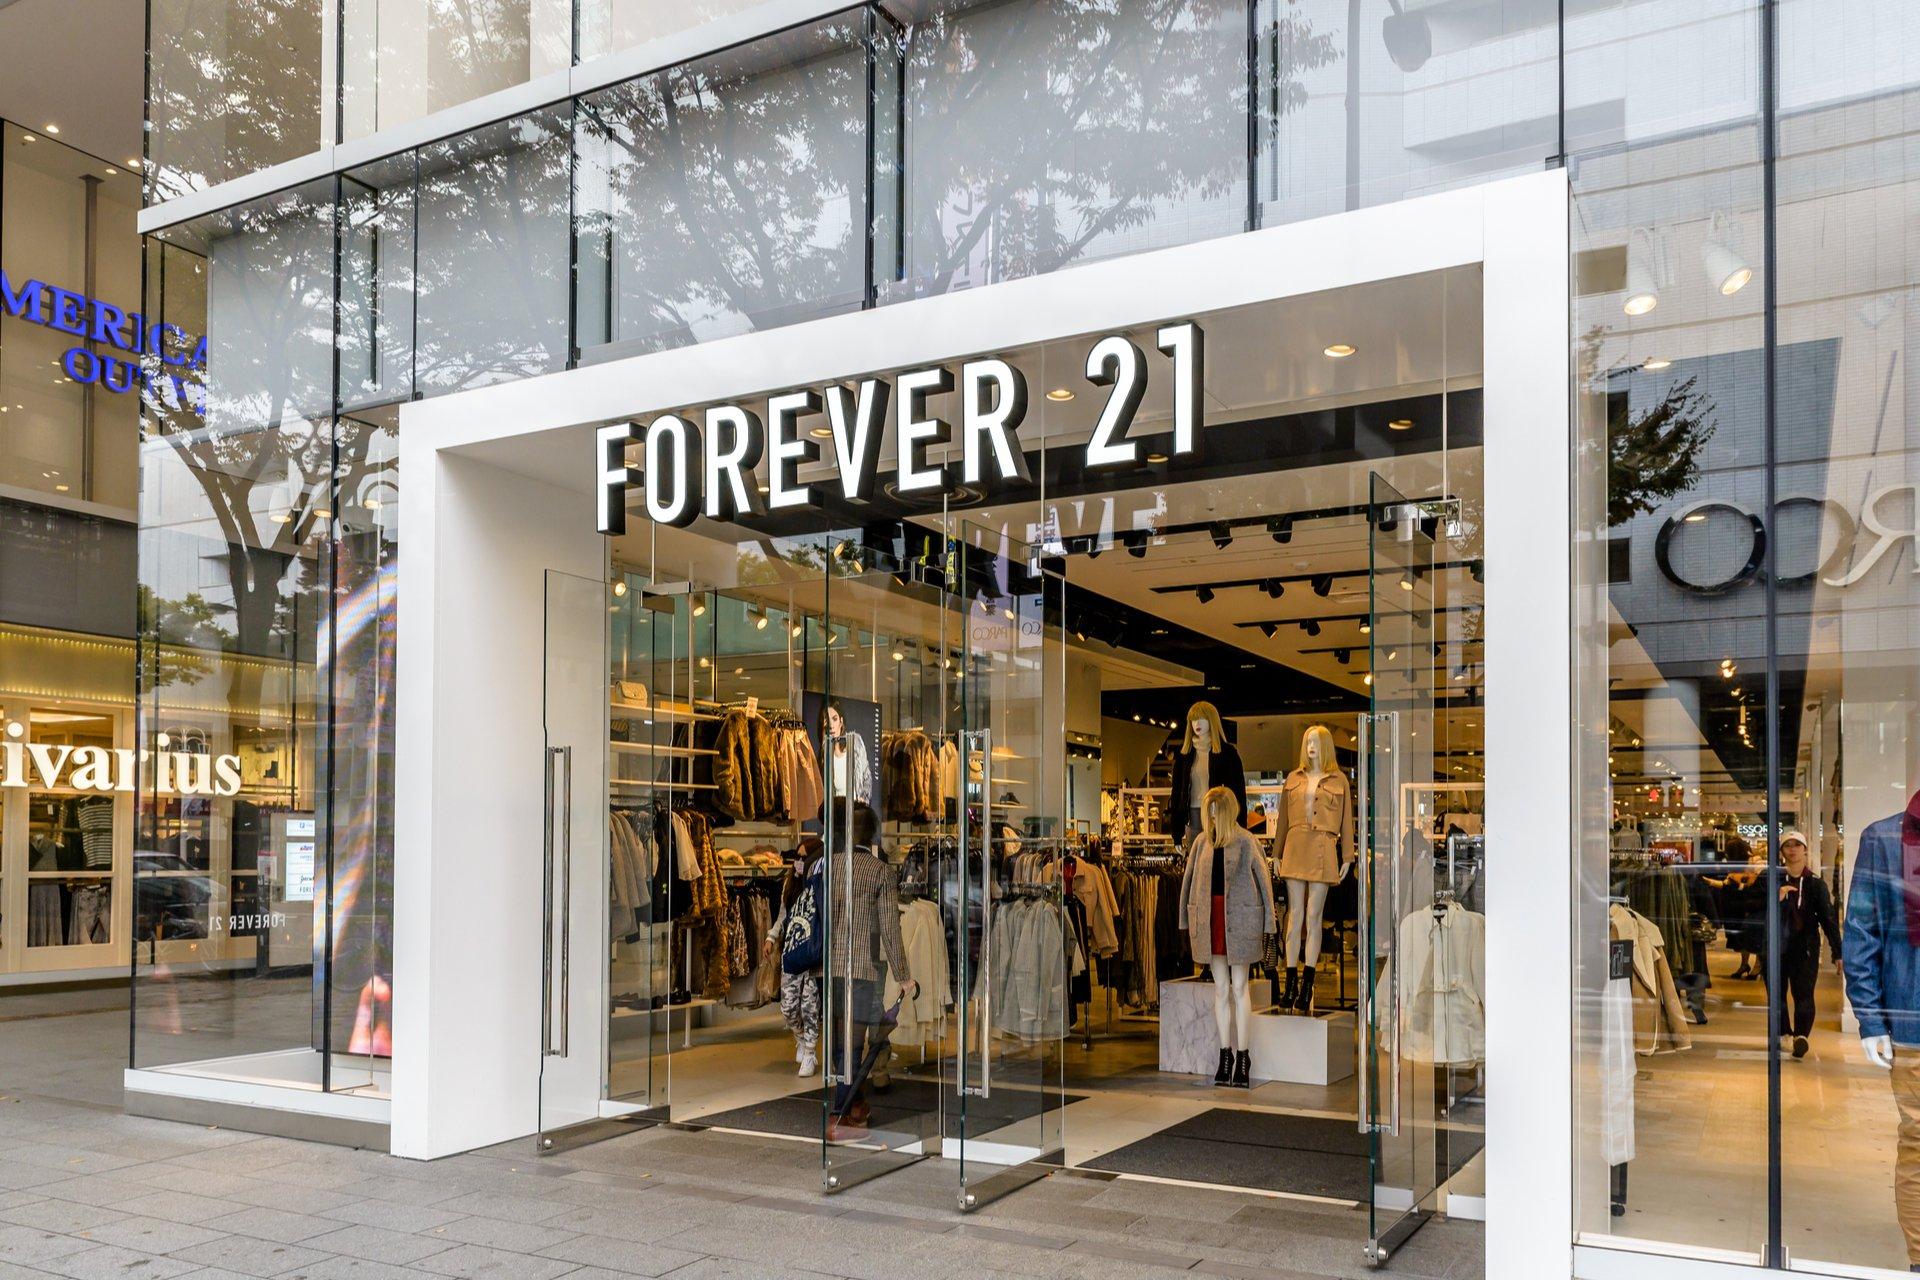 forever-21-goes-bankcrupt